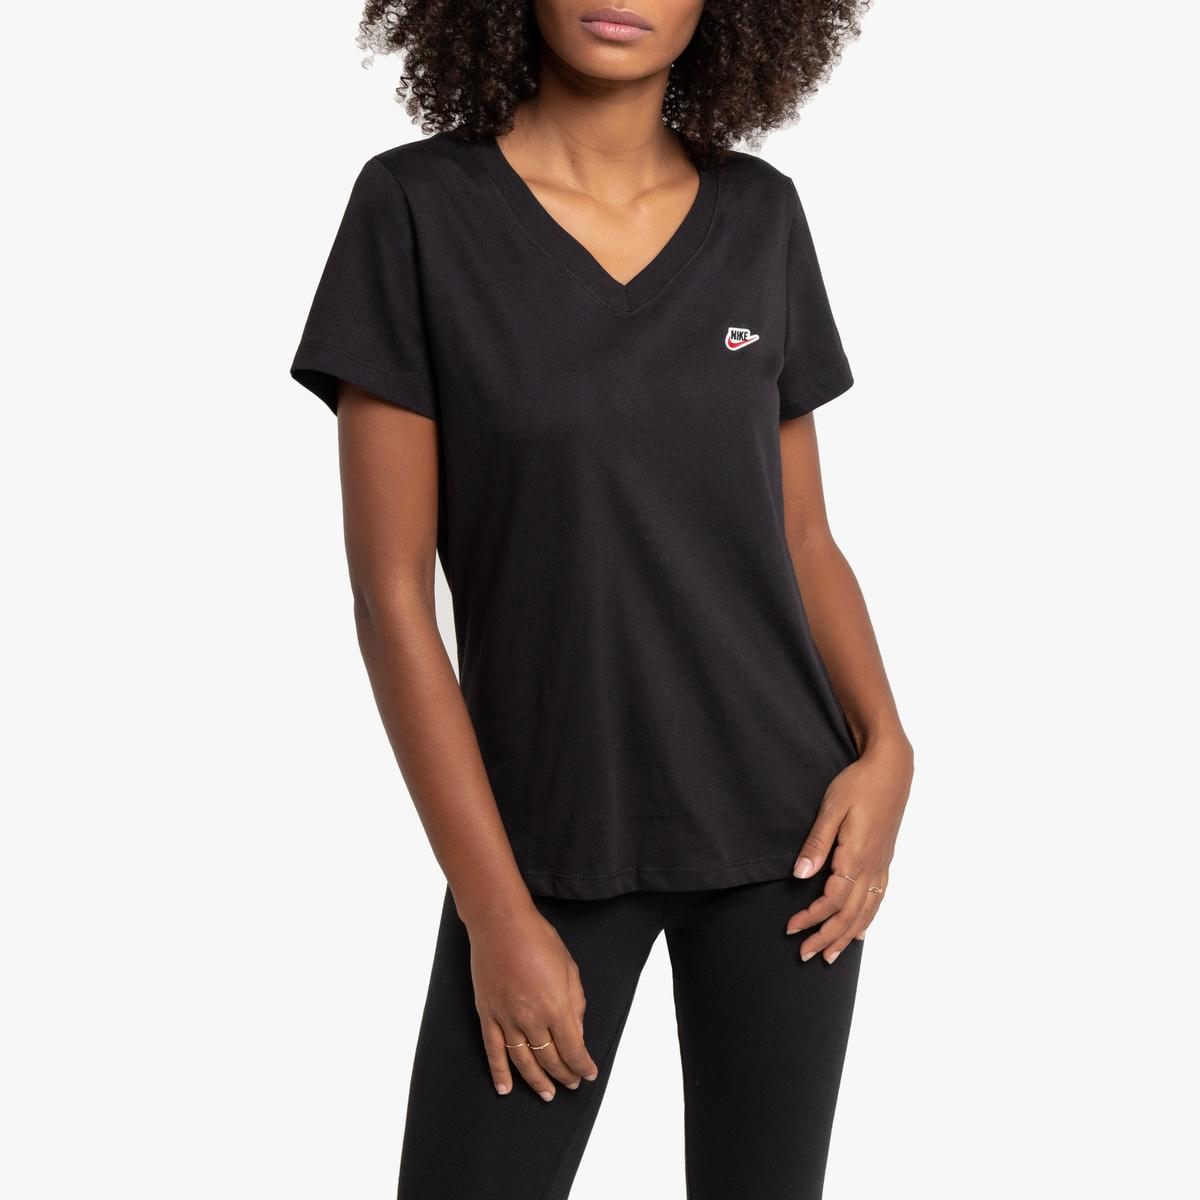 Camiseta con aplicación y logotipo bordado